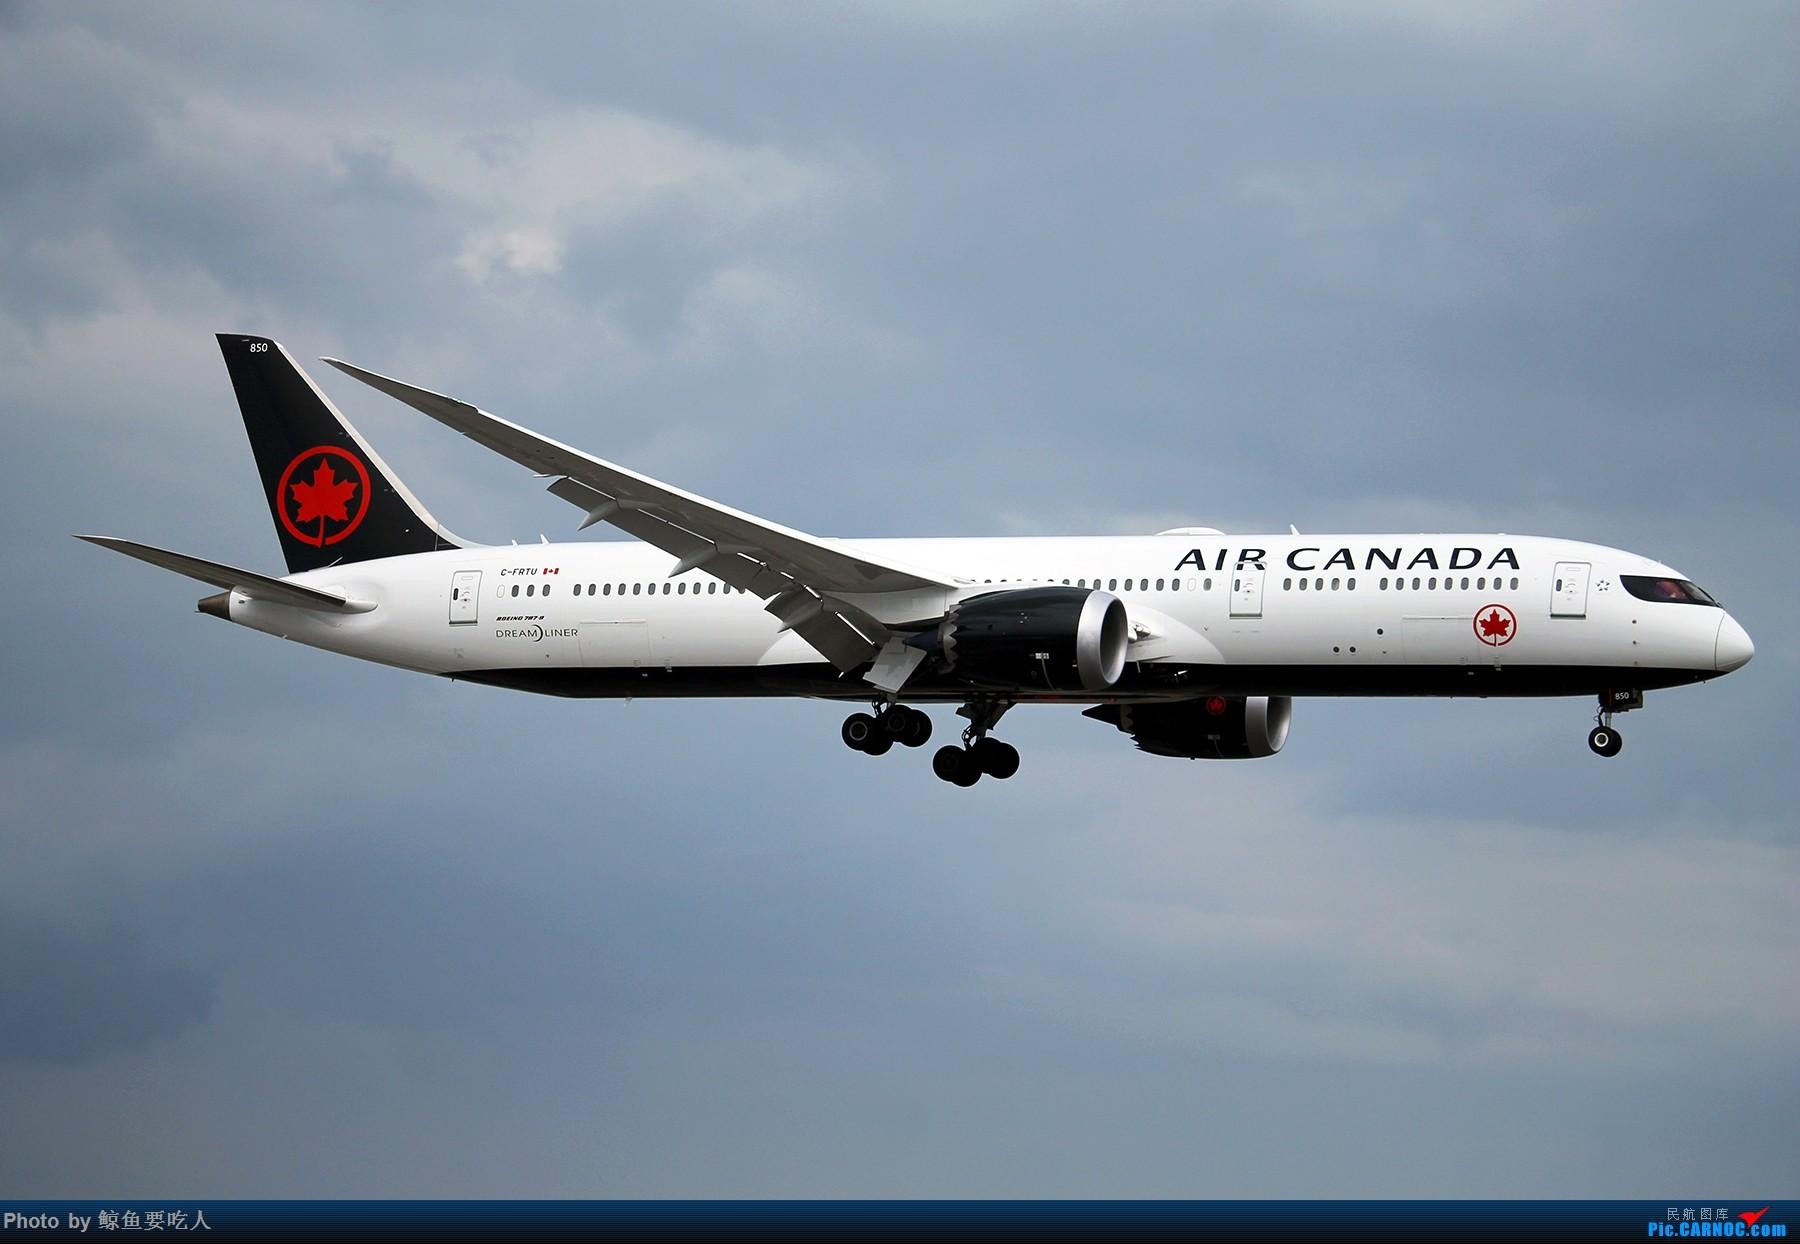 Re:[原创][YYZ] 多伦多皮尔逊国际机场 阴天起降一组~~~ BOEING 787-9 C-FRTU 多伦多皮尔逊国际机场